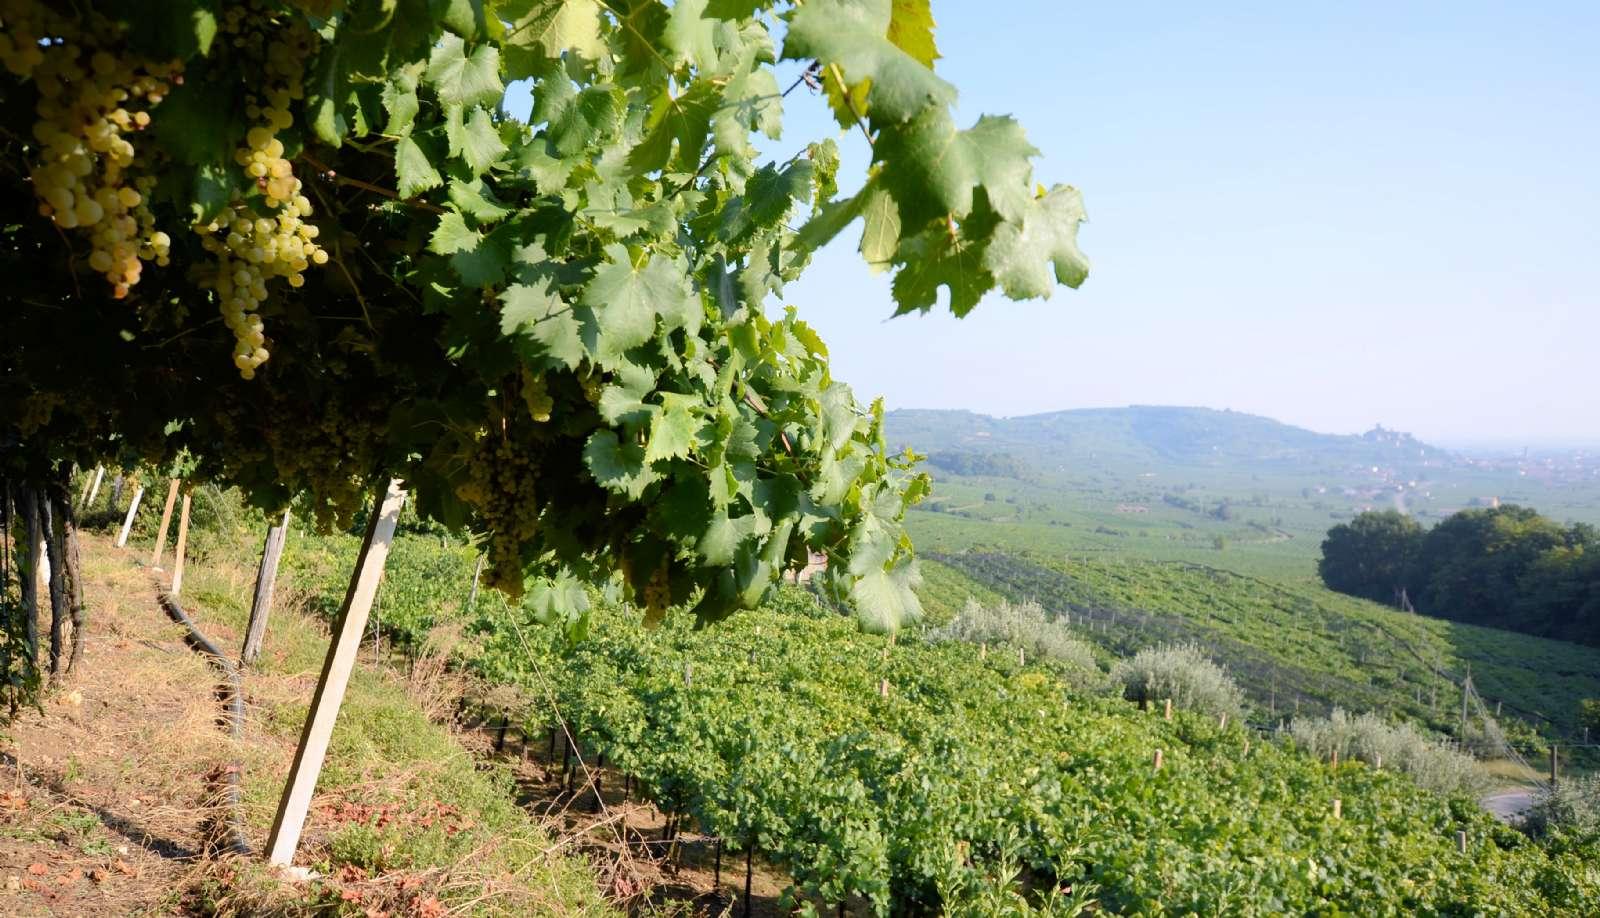 Vin i det nære og vin det fjerne